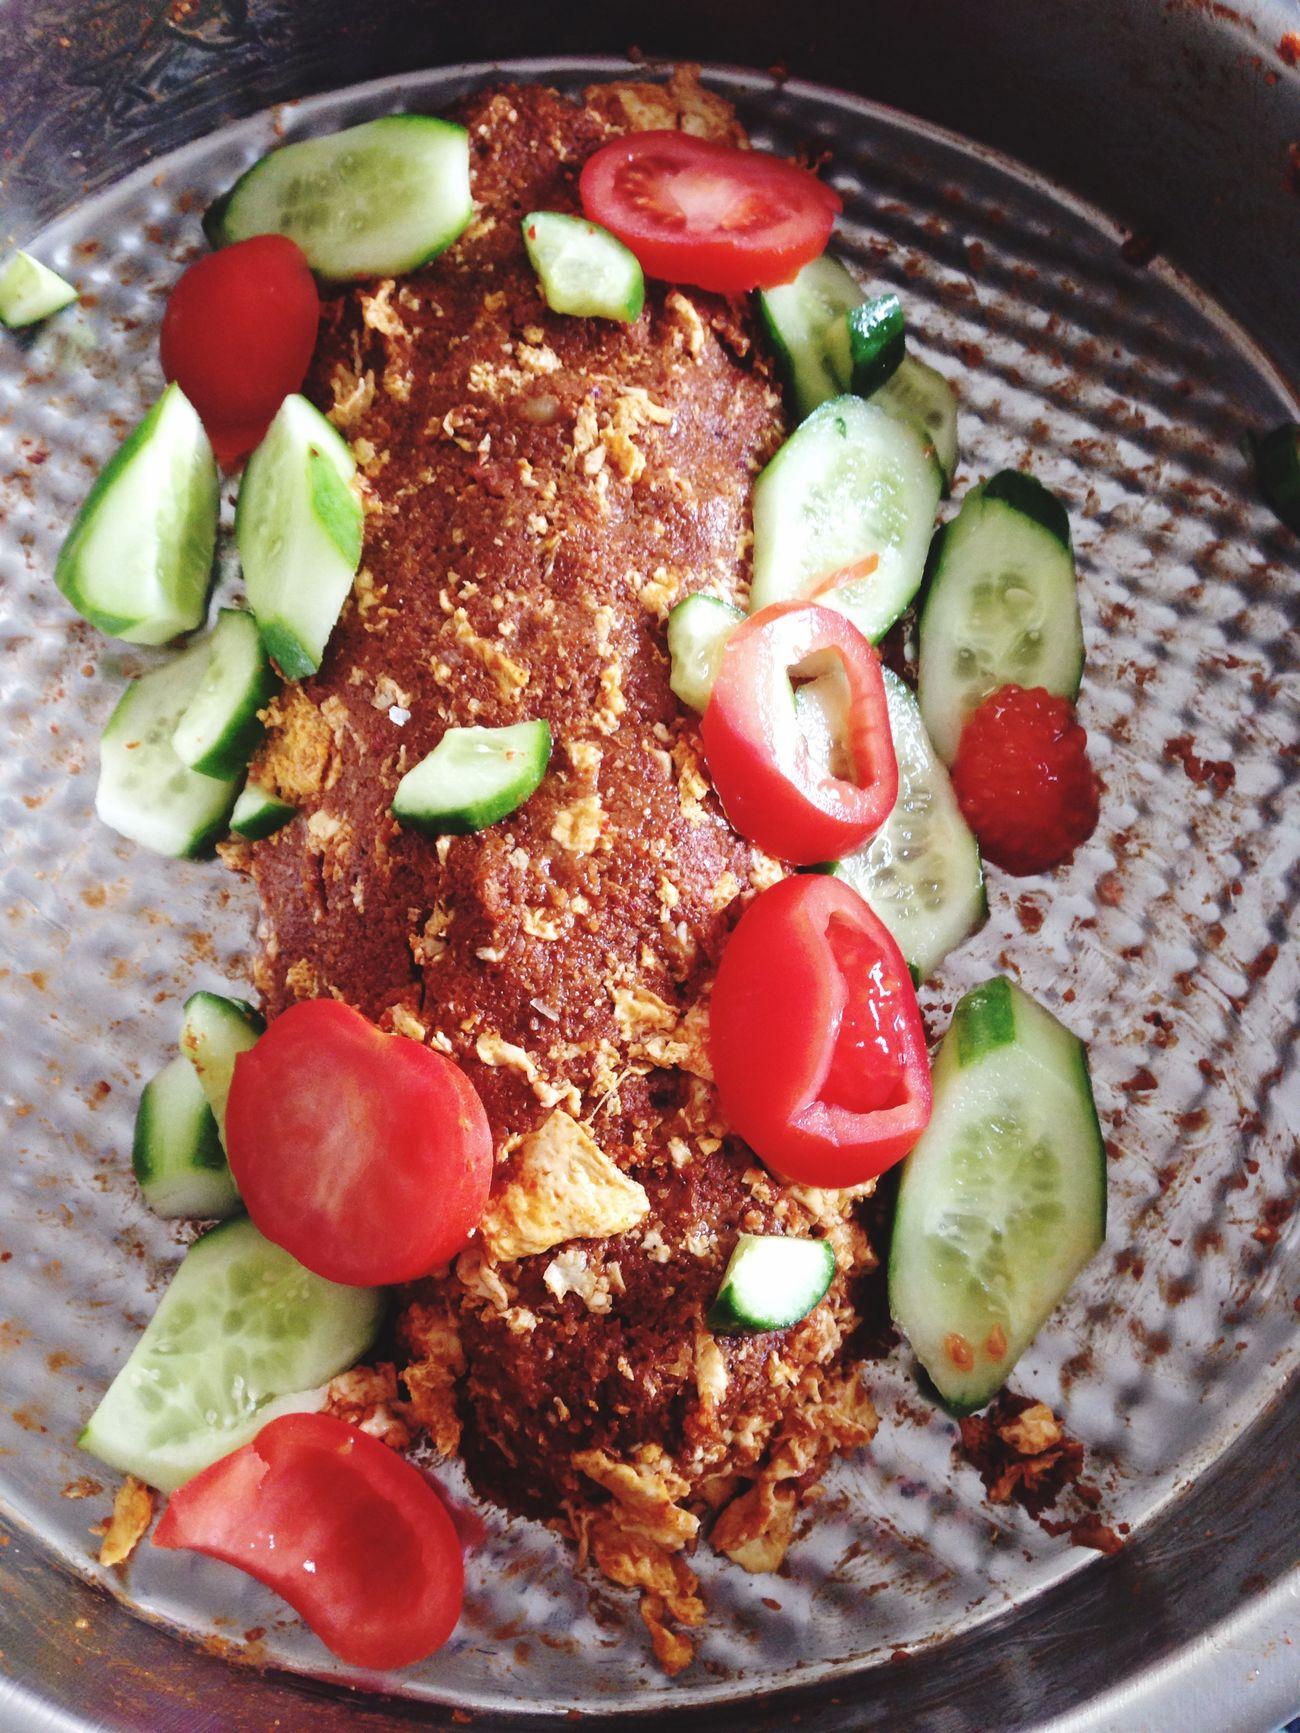 Cigkofte Yumurtalı Köfte Urfa Şanlıurfa şanlıurfa Yemek Kültürü